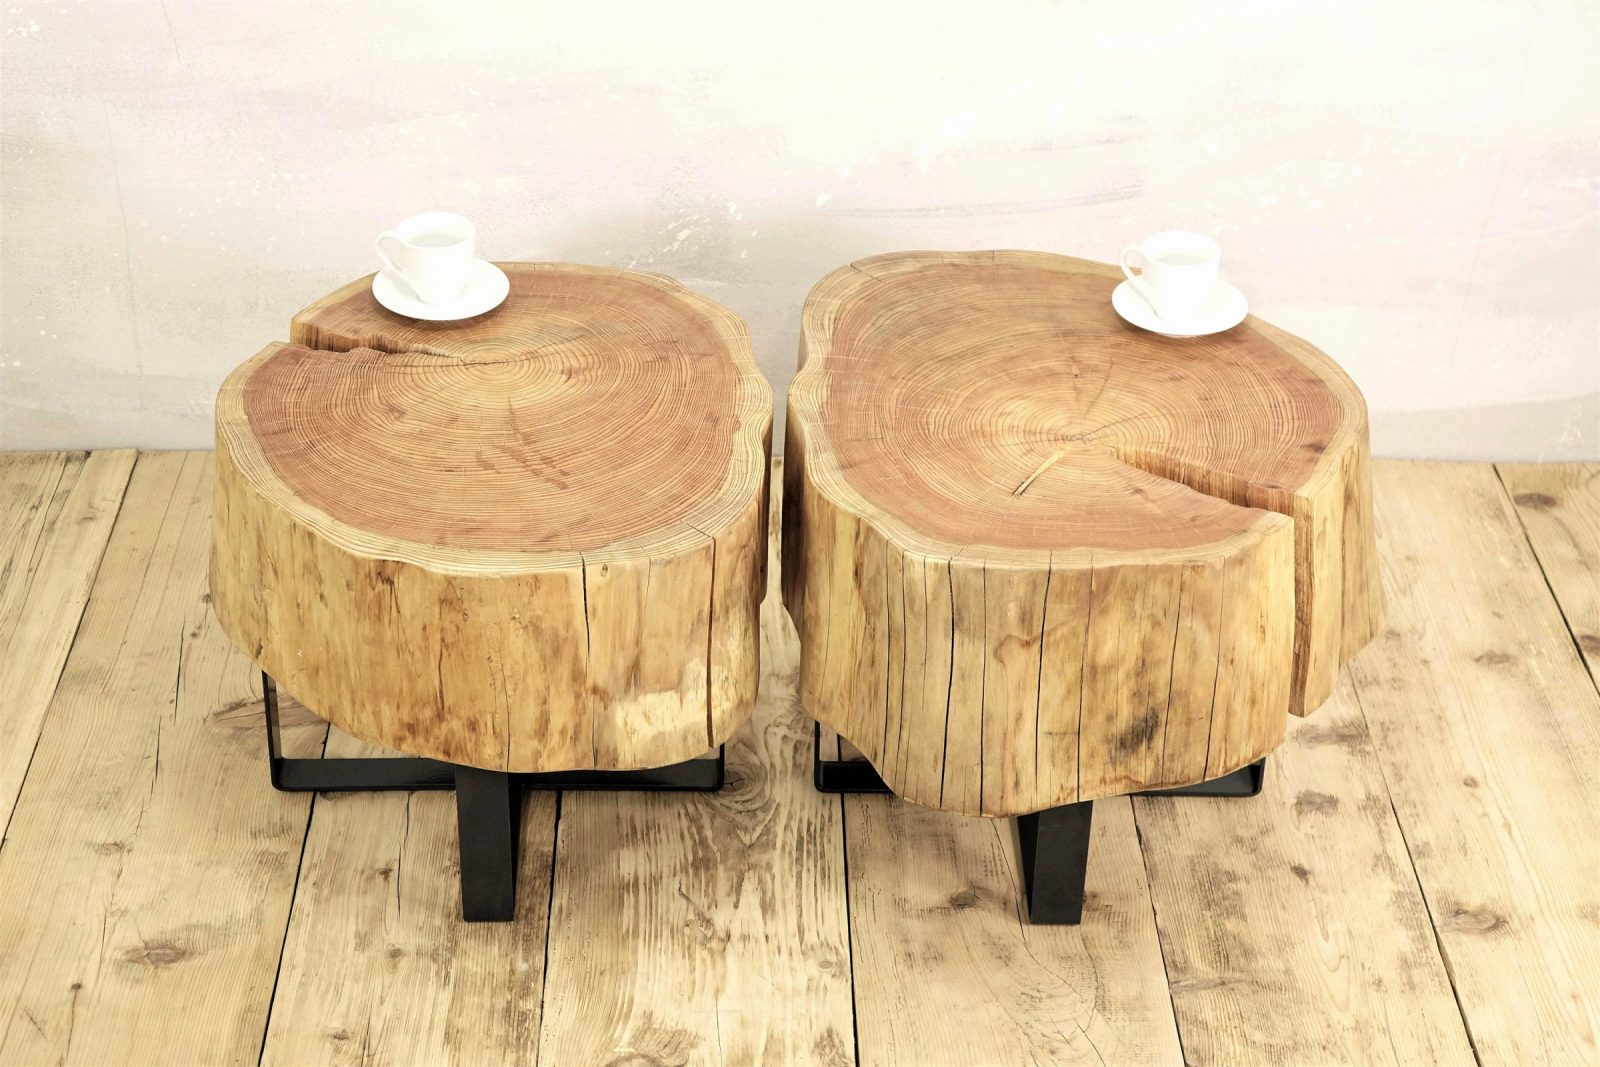 Baumstamm Tisch Selber Machen Genial Couchtisch Selber Bauen Genial von Tisch Aus Baumstamm Selber Machen Photo